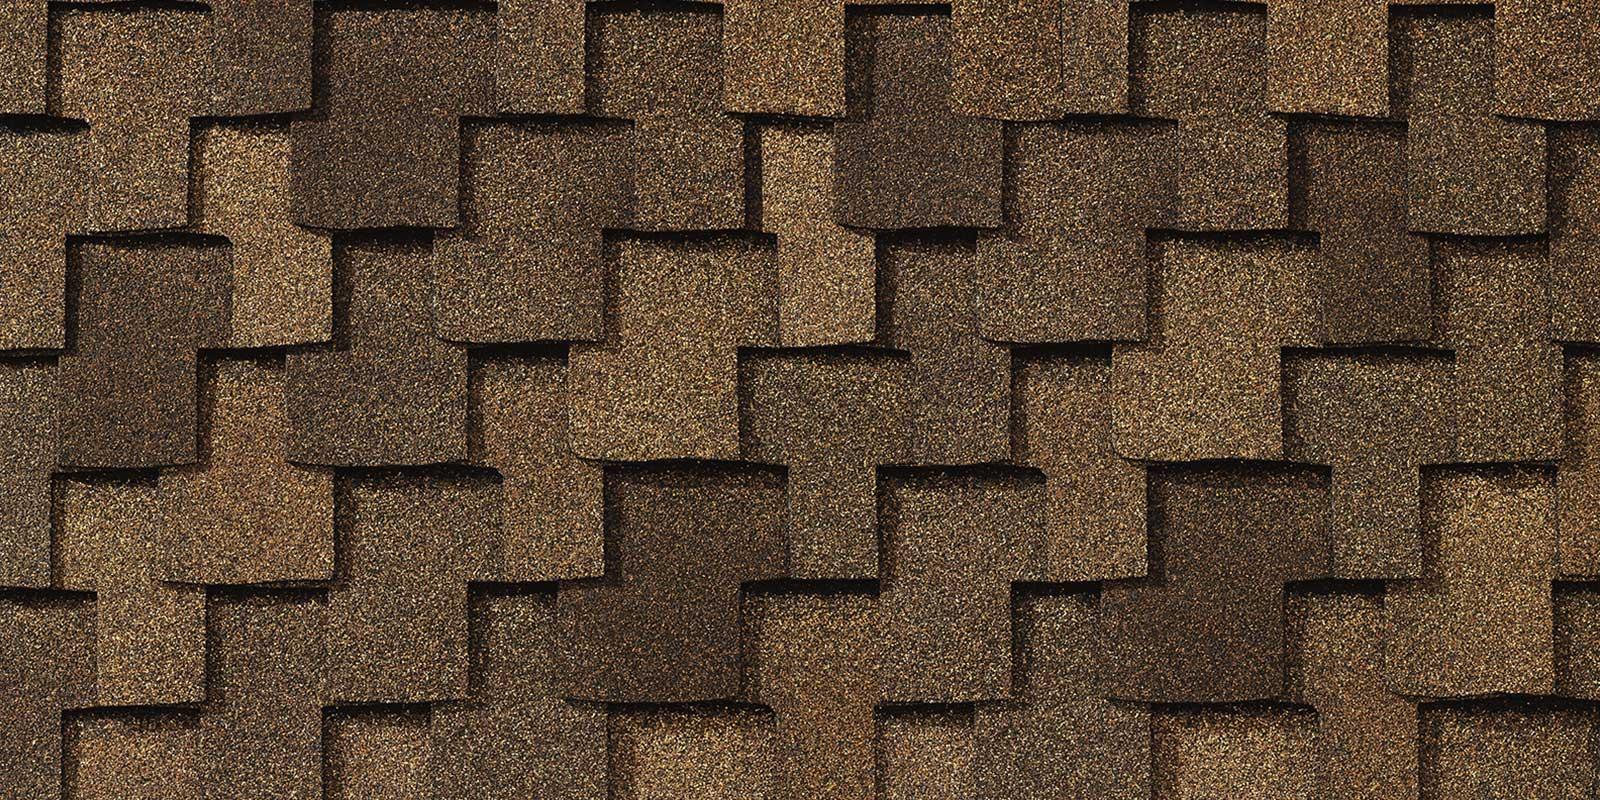 Zdjęcie produktu jakim jest gont bitumiczny amerykańskiej firmy GAF z linii Grand Sequoia, pokrycia dachowe